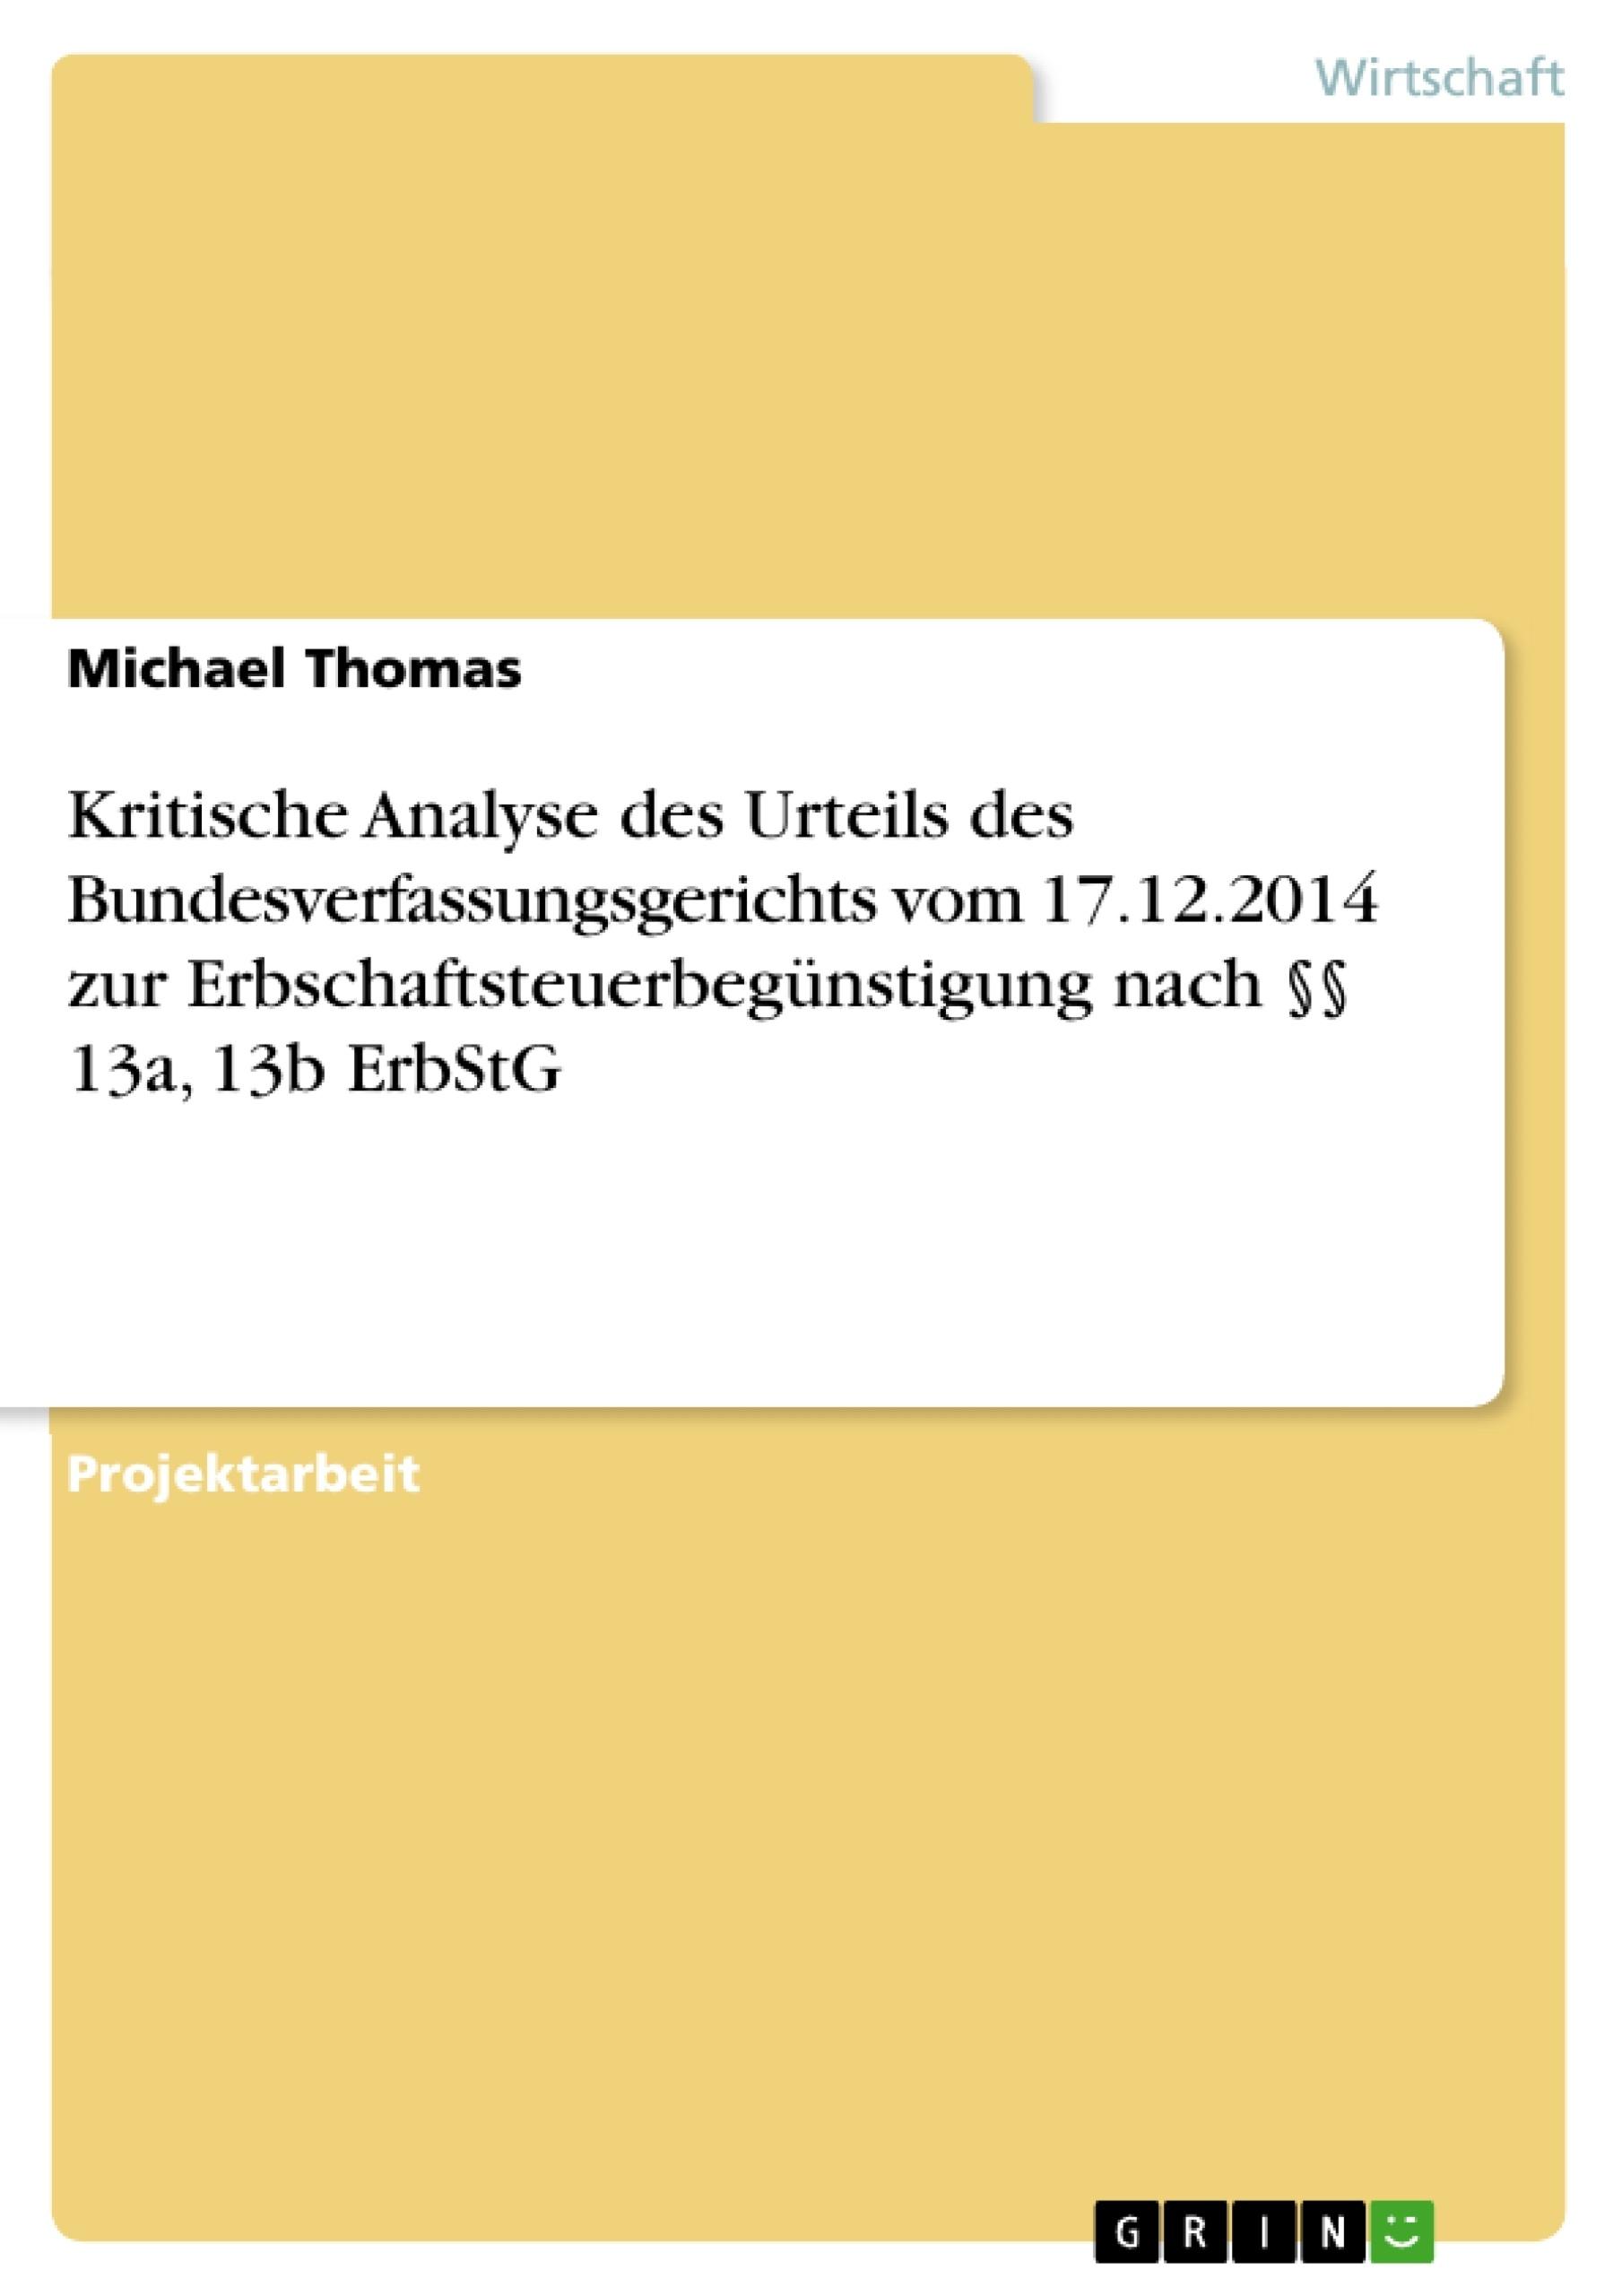 Titel: Kritische Analyse des Urteils des Bundesverfassungsgerichts vom 17.12.2014 zur Erbschaftsteuerbegünstigung nach §§ 13a, 13b ErbStG